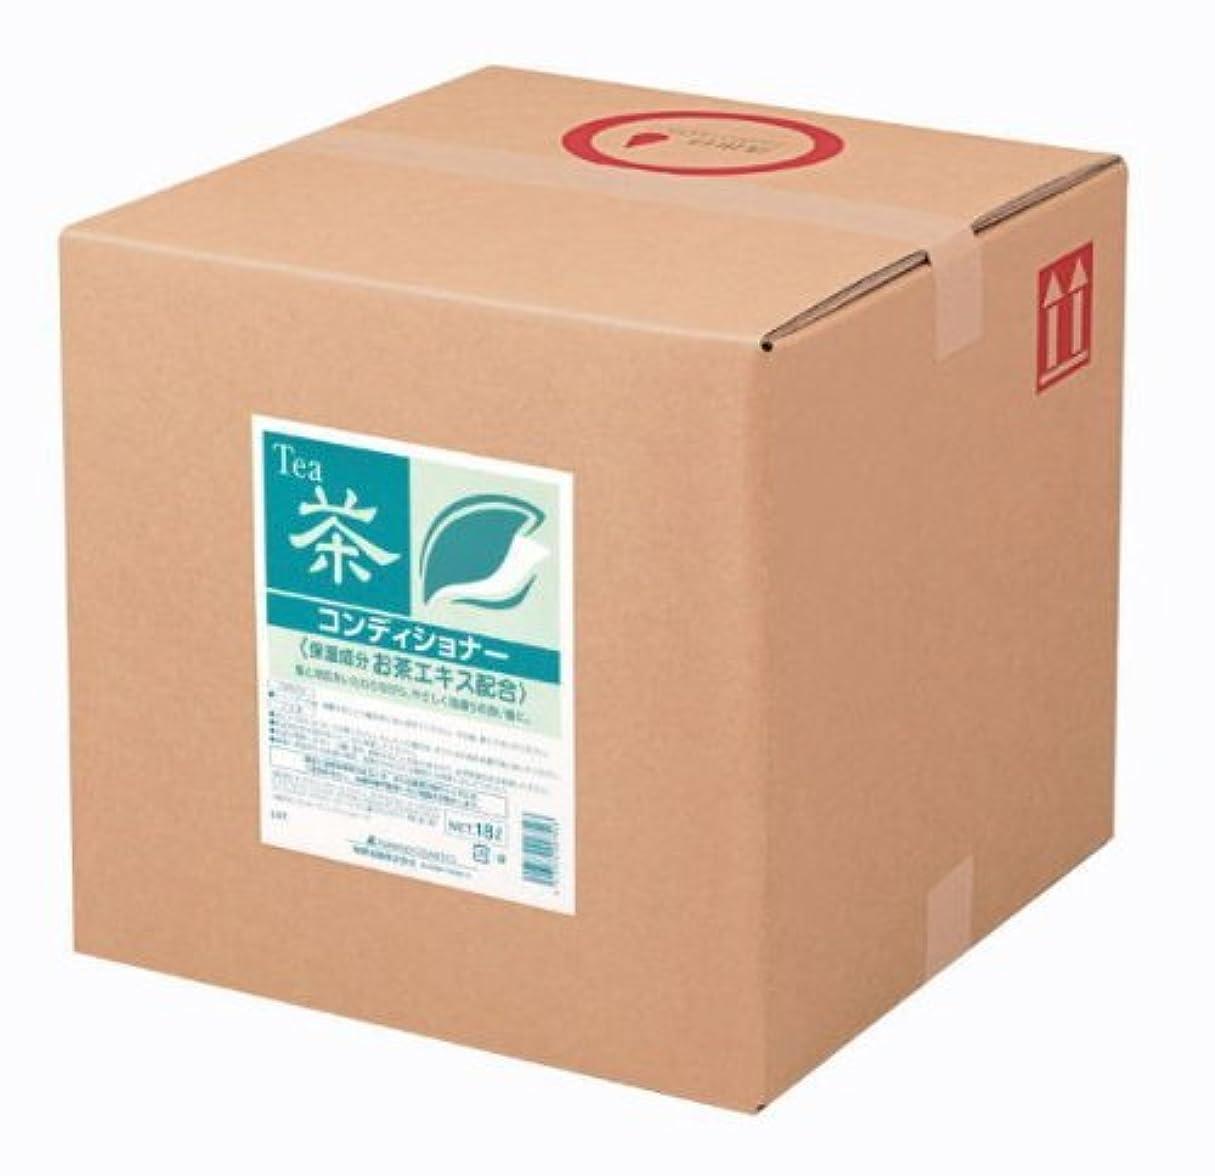 優遇小学生老朽化した熊野油脂 業務用 お茶 コンディショナー 18L